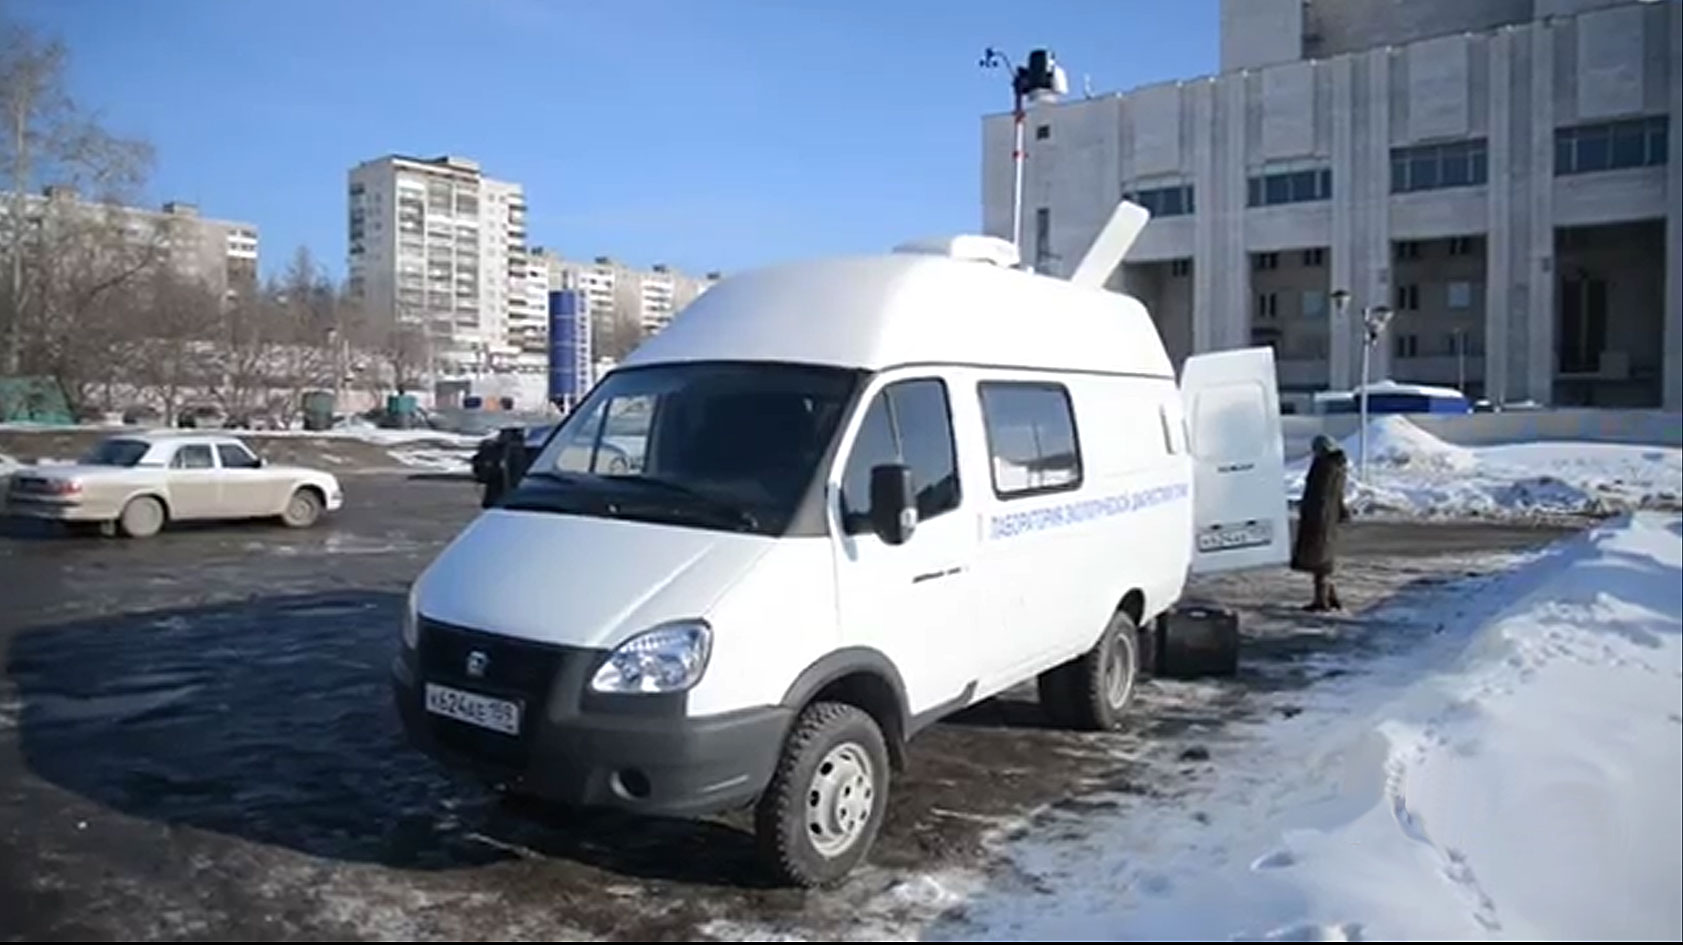 Мобильная экологическая лаборатория в Перми